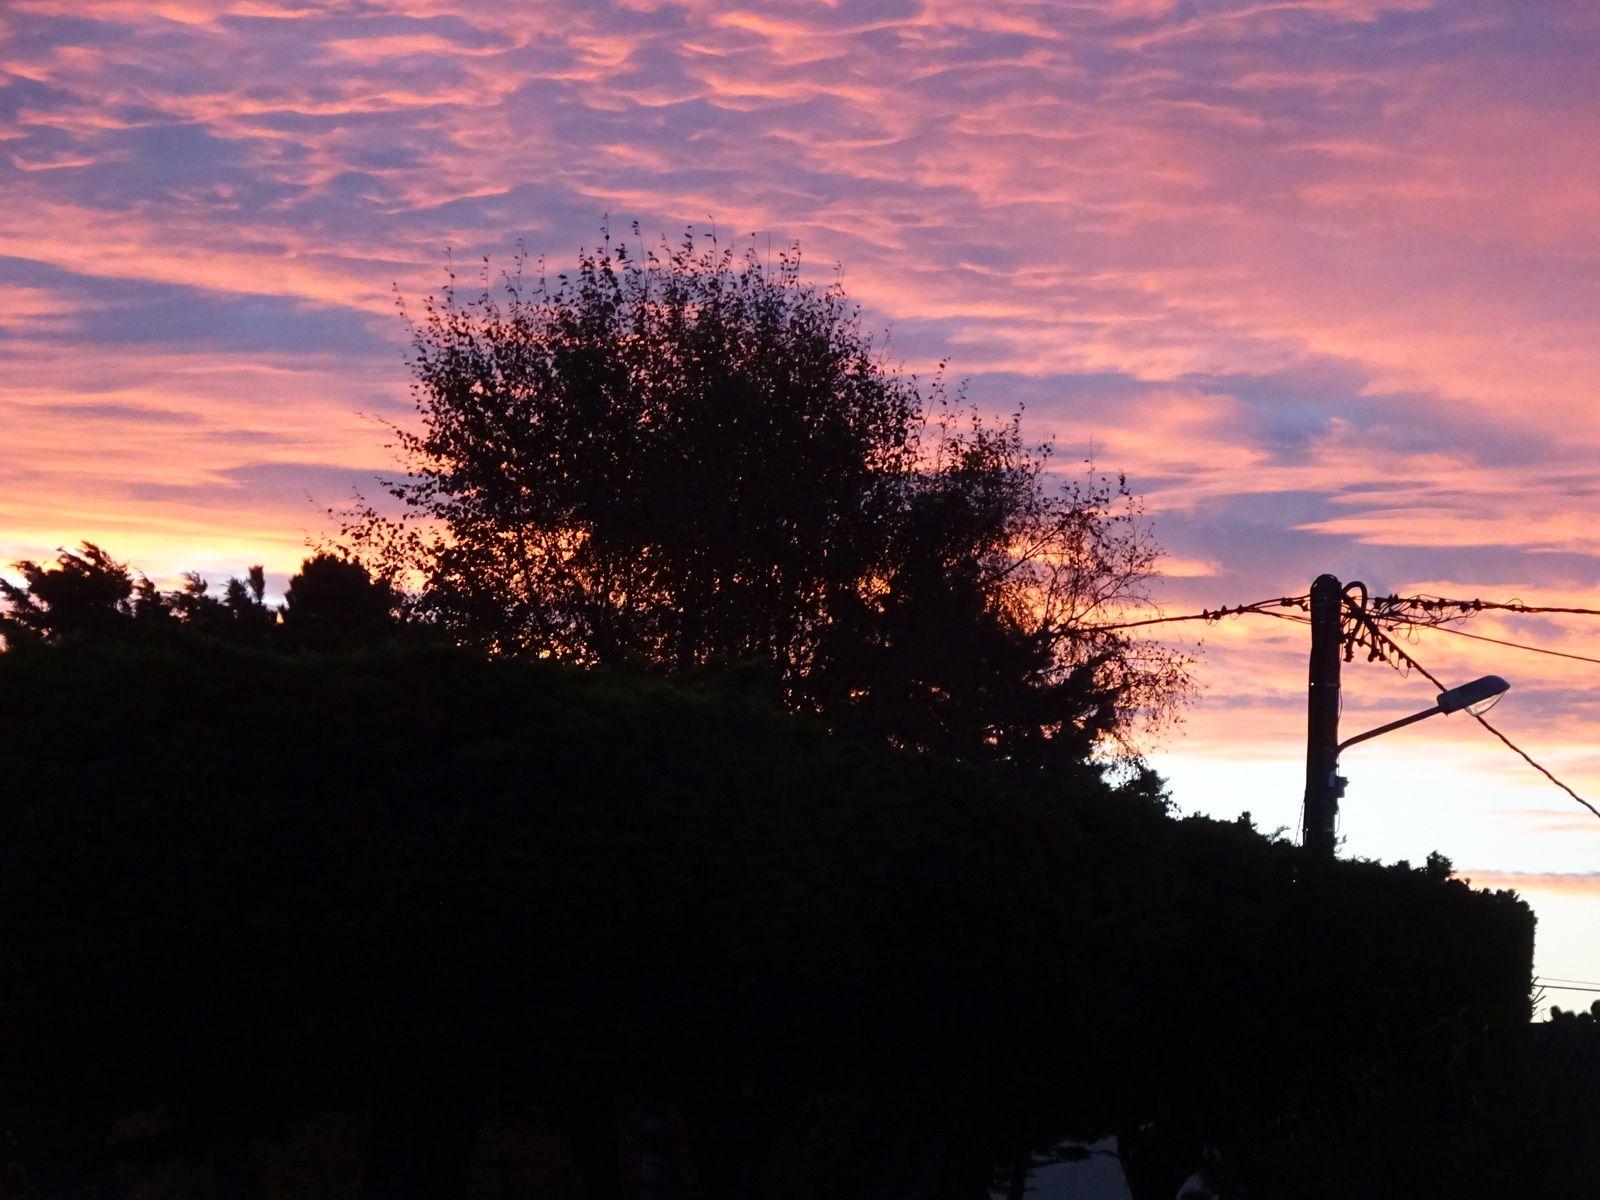 le jour se lève , les chèvres (confinées) coucher de soleil